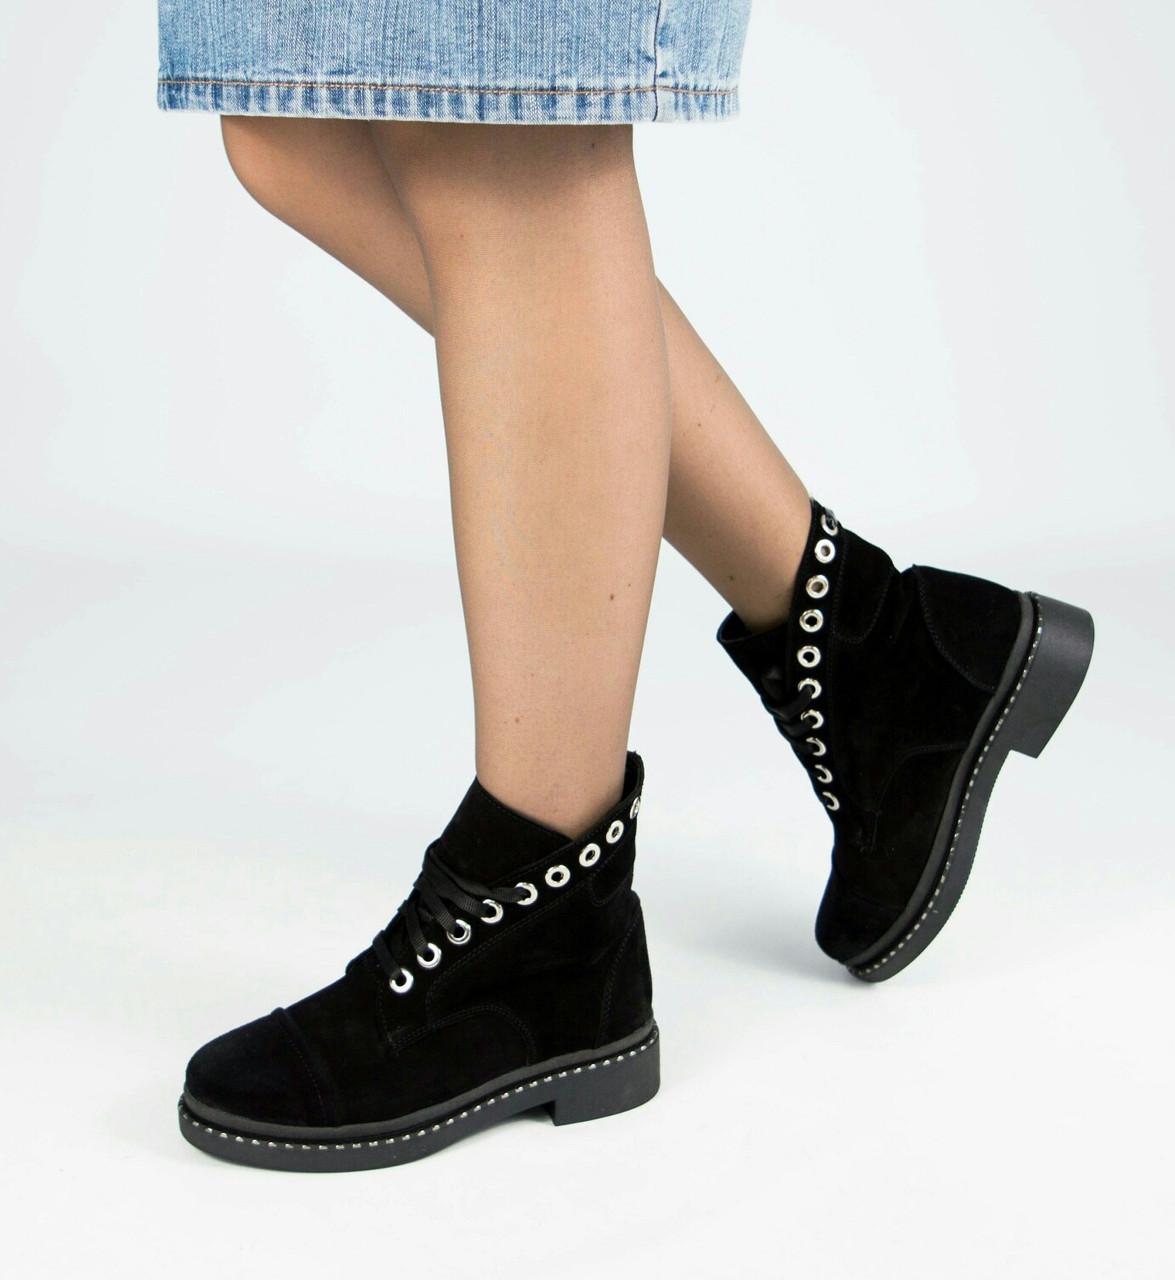 Жіночі черевики з натуральної замші зі шнурівкою 36-40 р